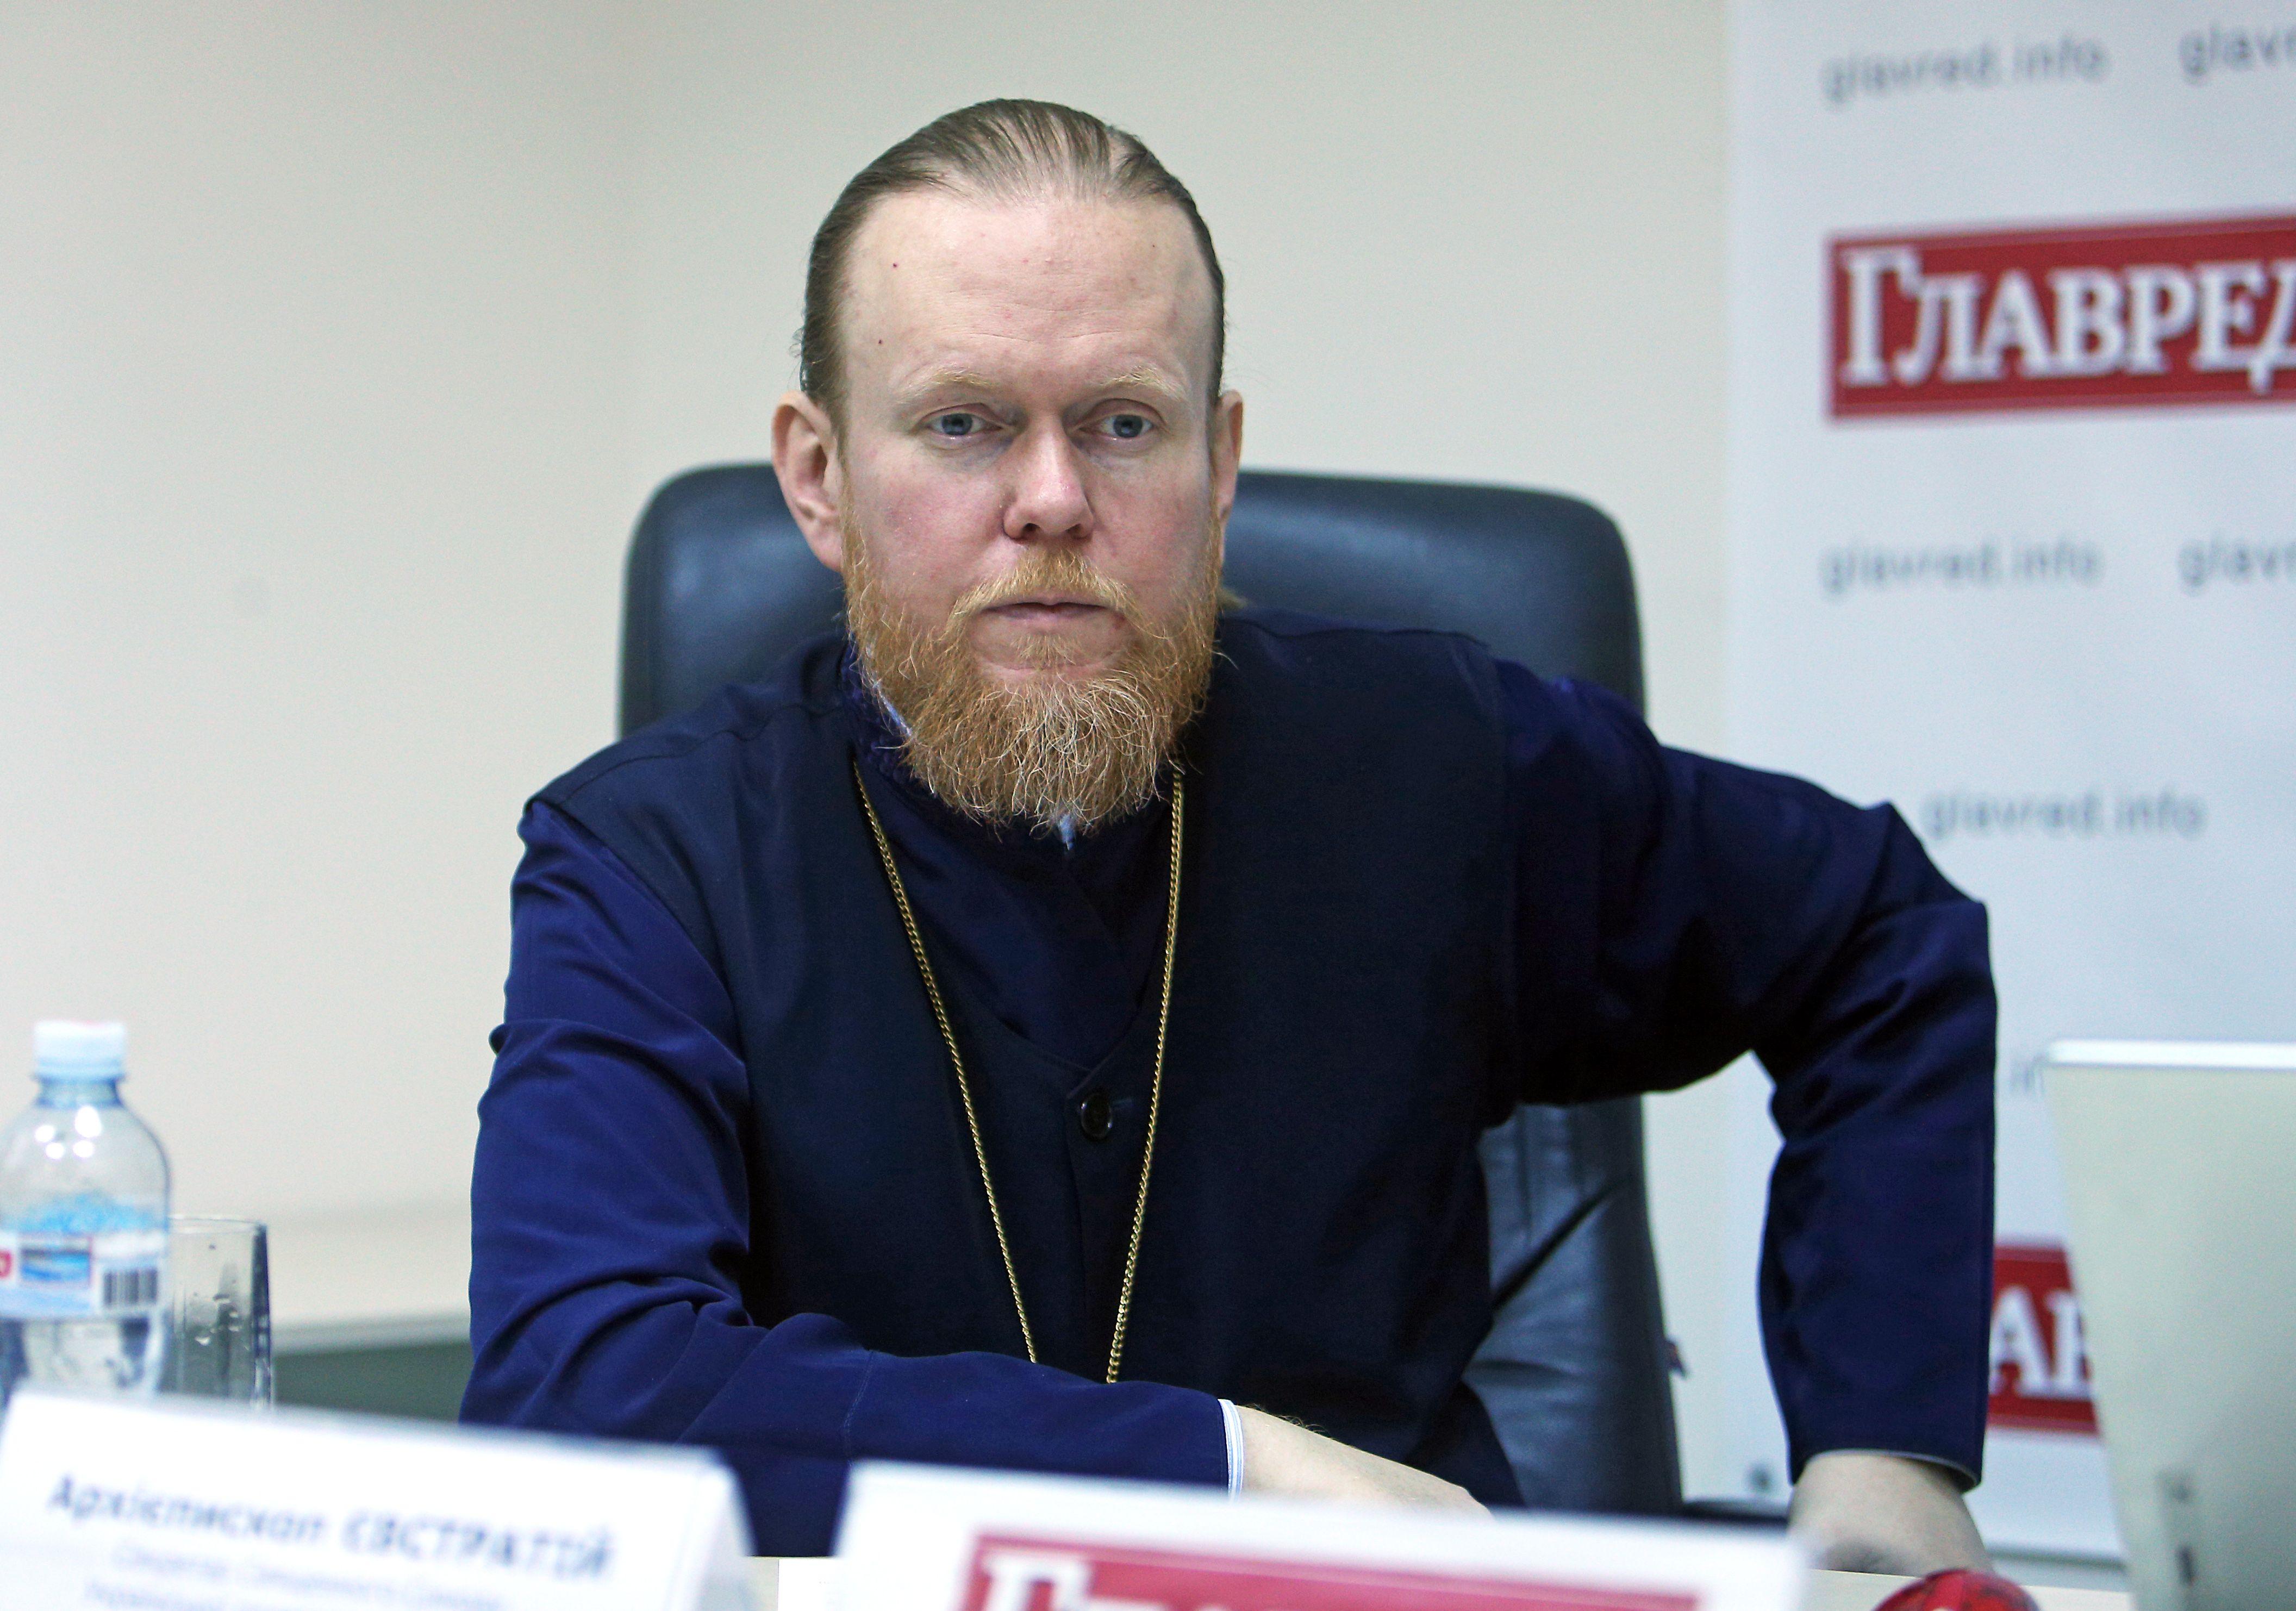 Киево-Печерская лавра сэтого момента  входит втитул предстоятеля Киевского патриархата